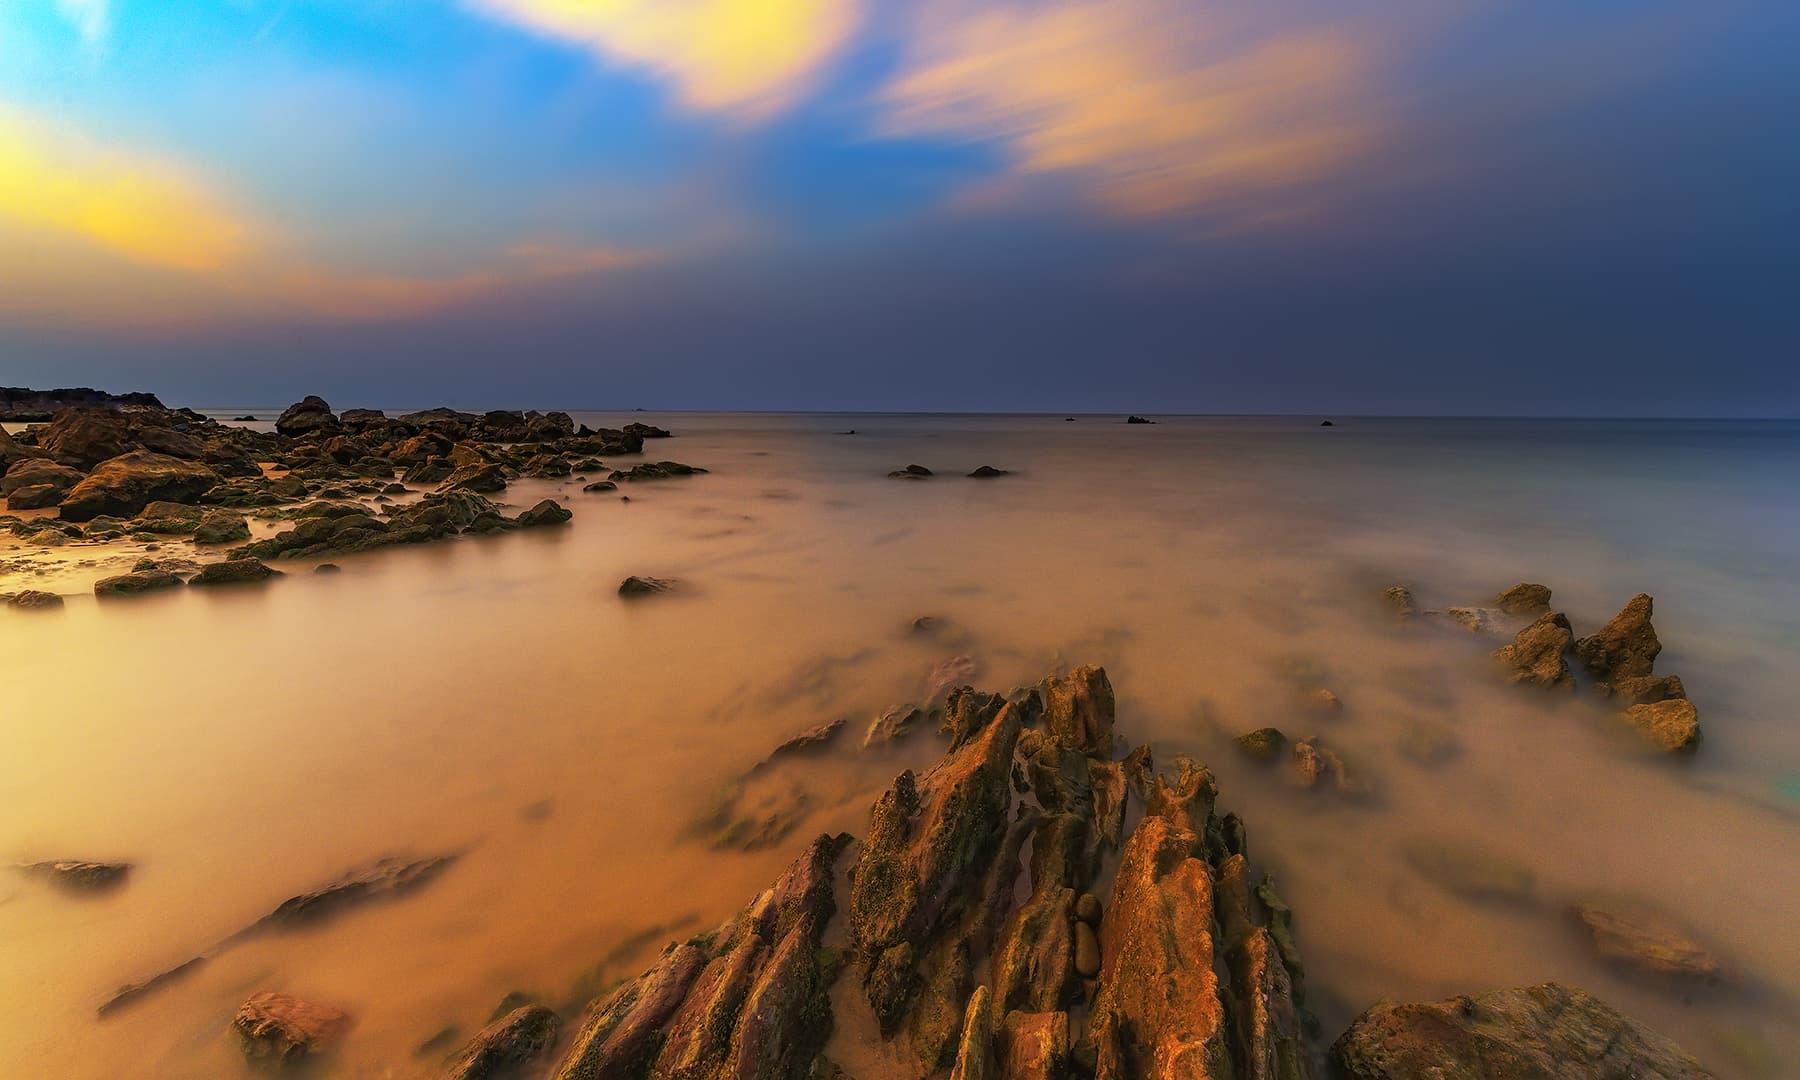 گڈانی کا ساحل—سید مہدی بخاری